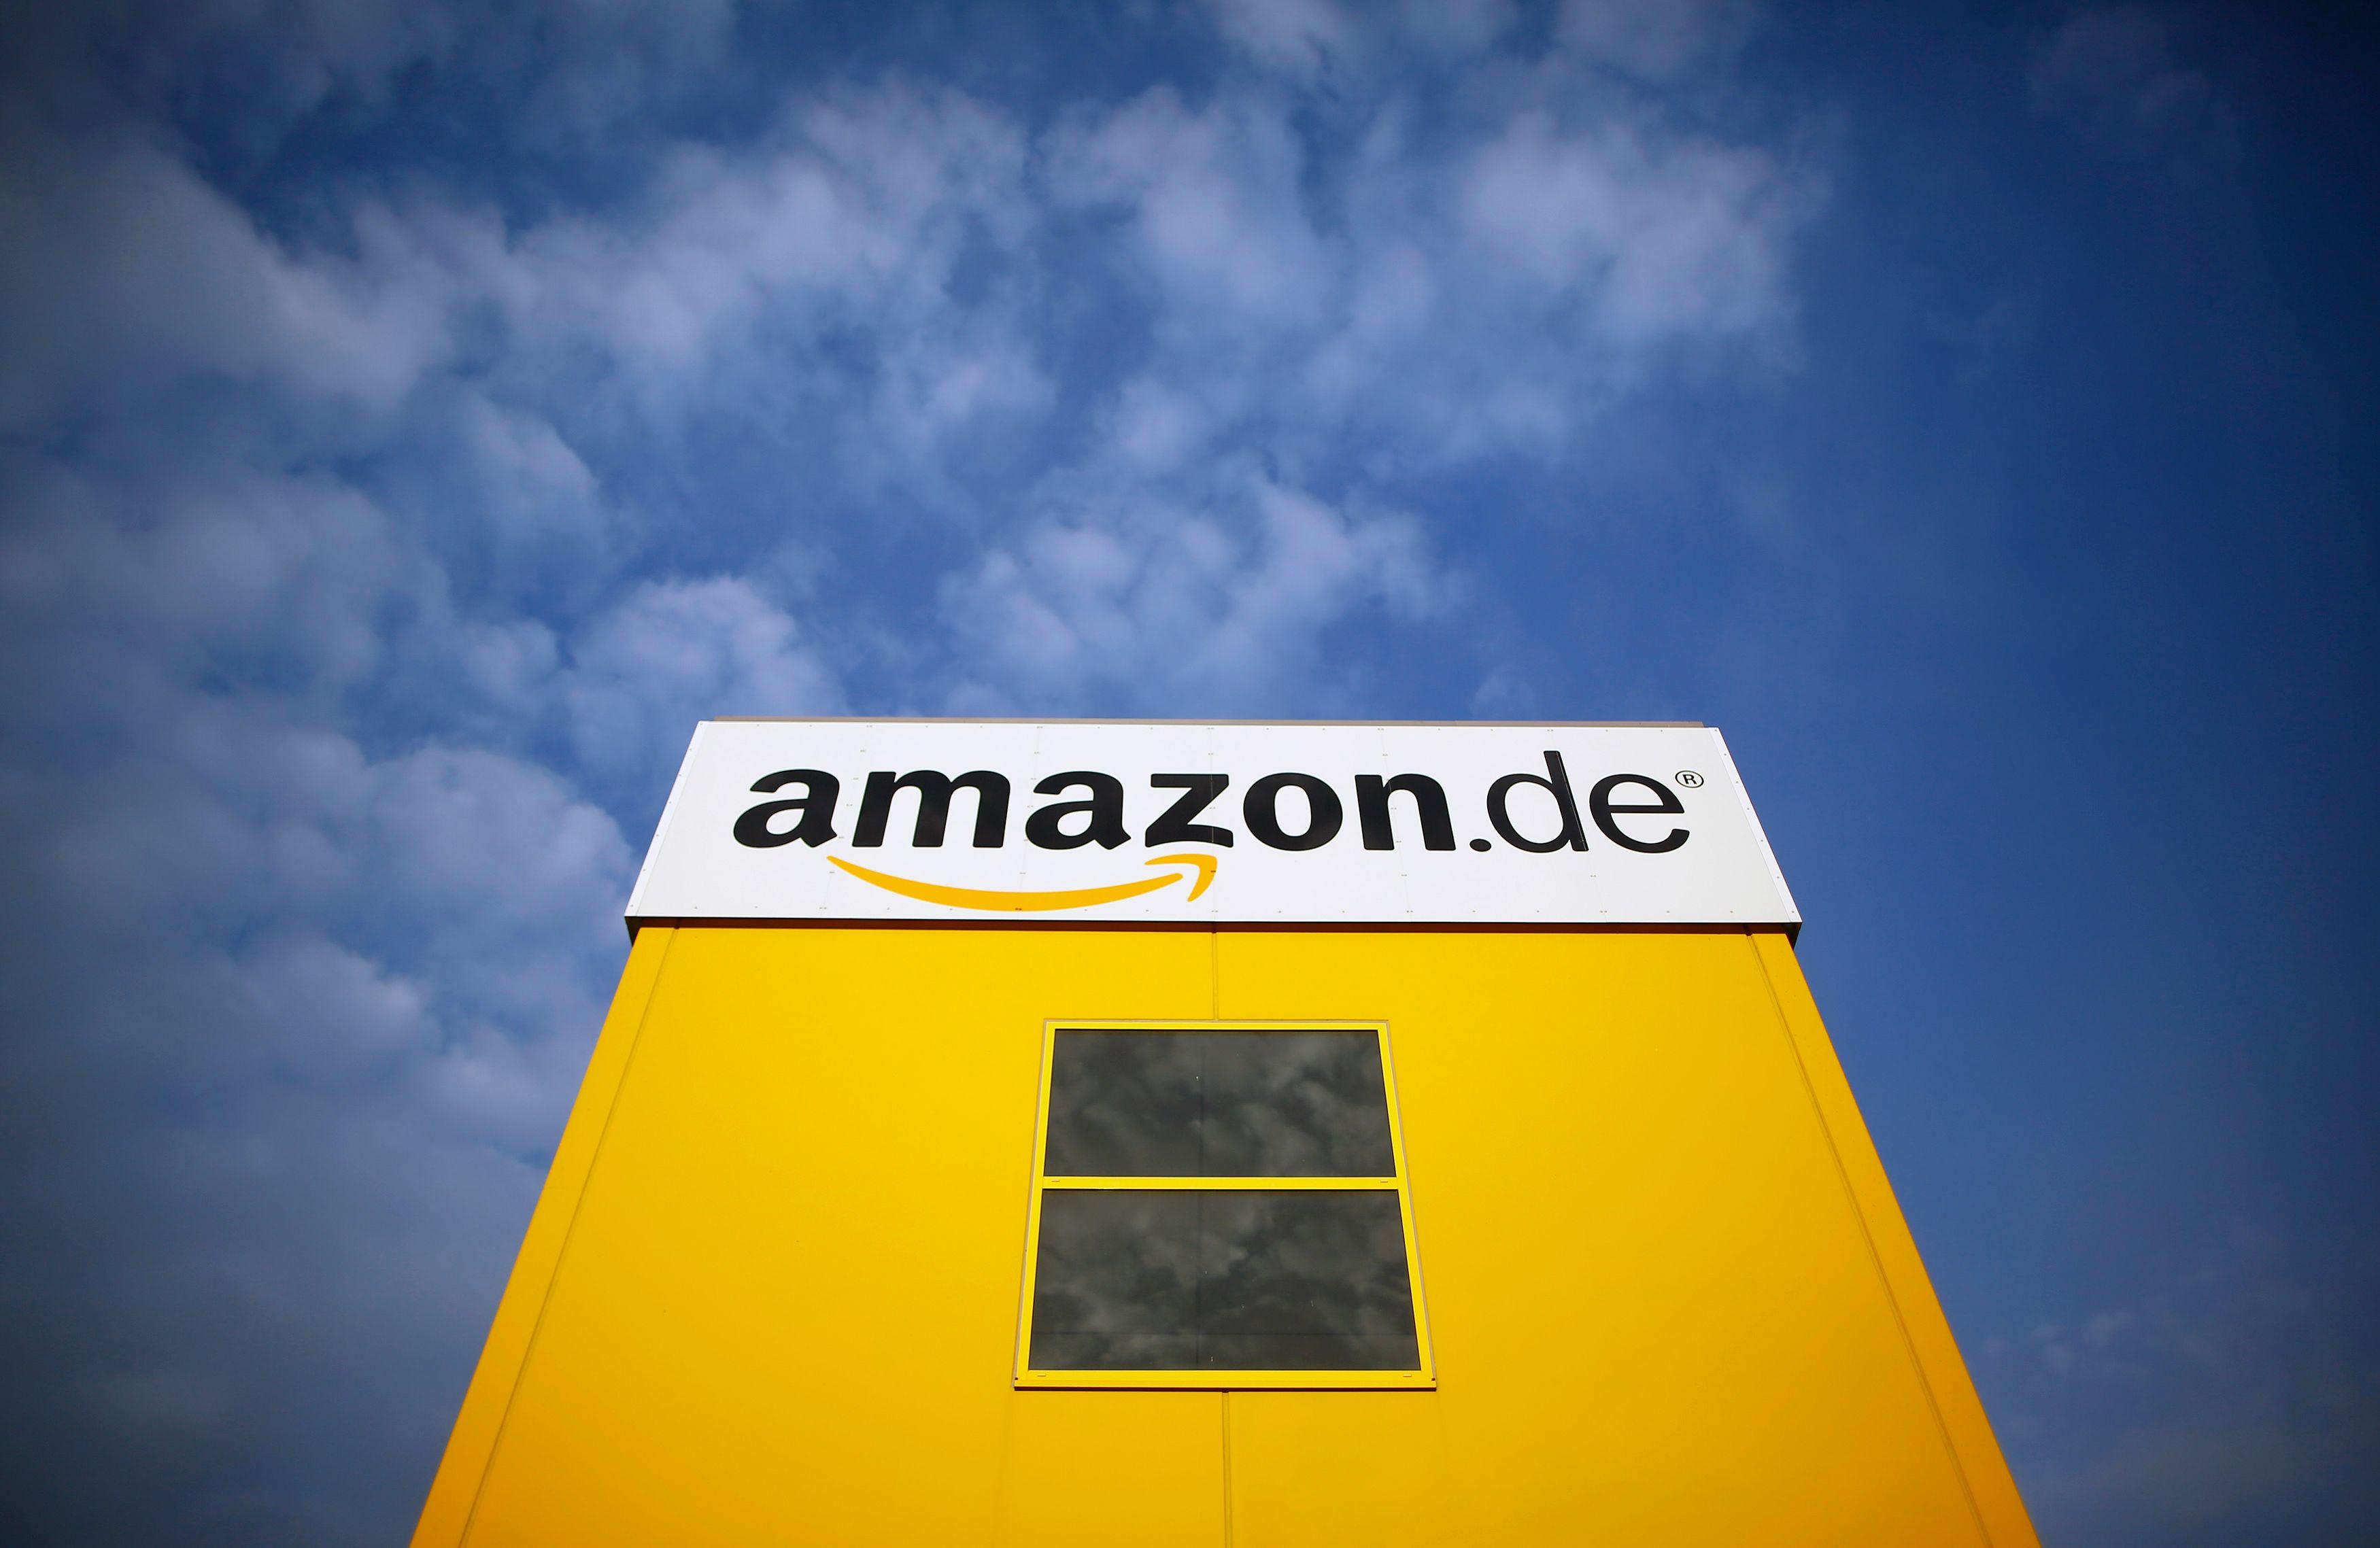 Le logo de la marque Amazon